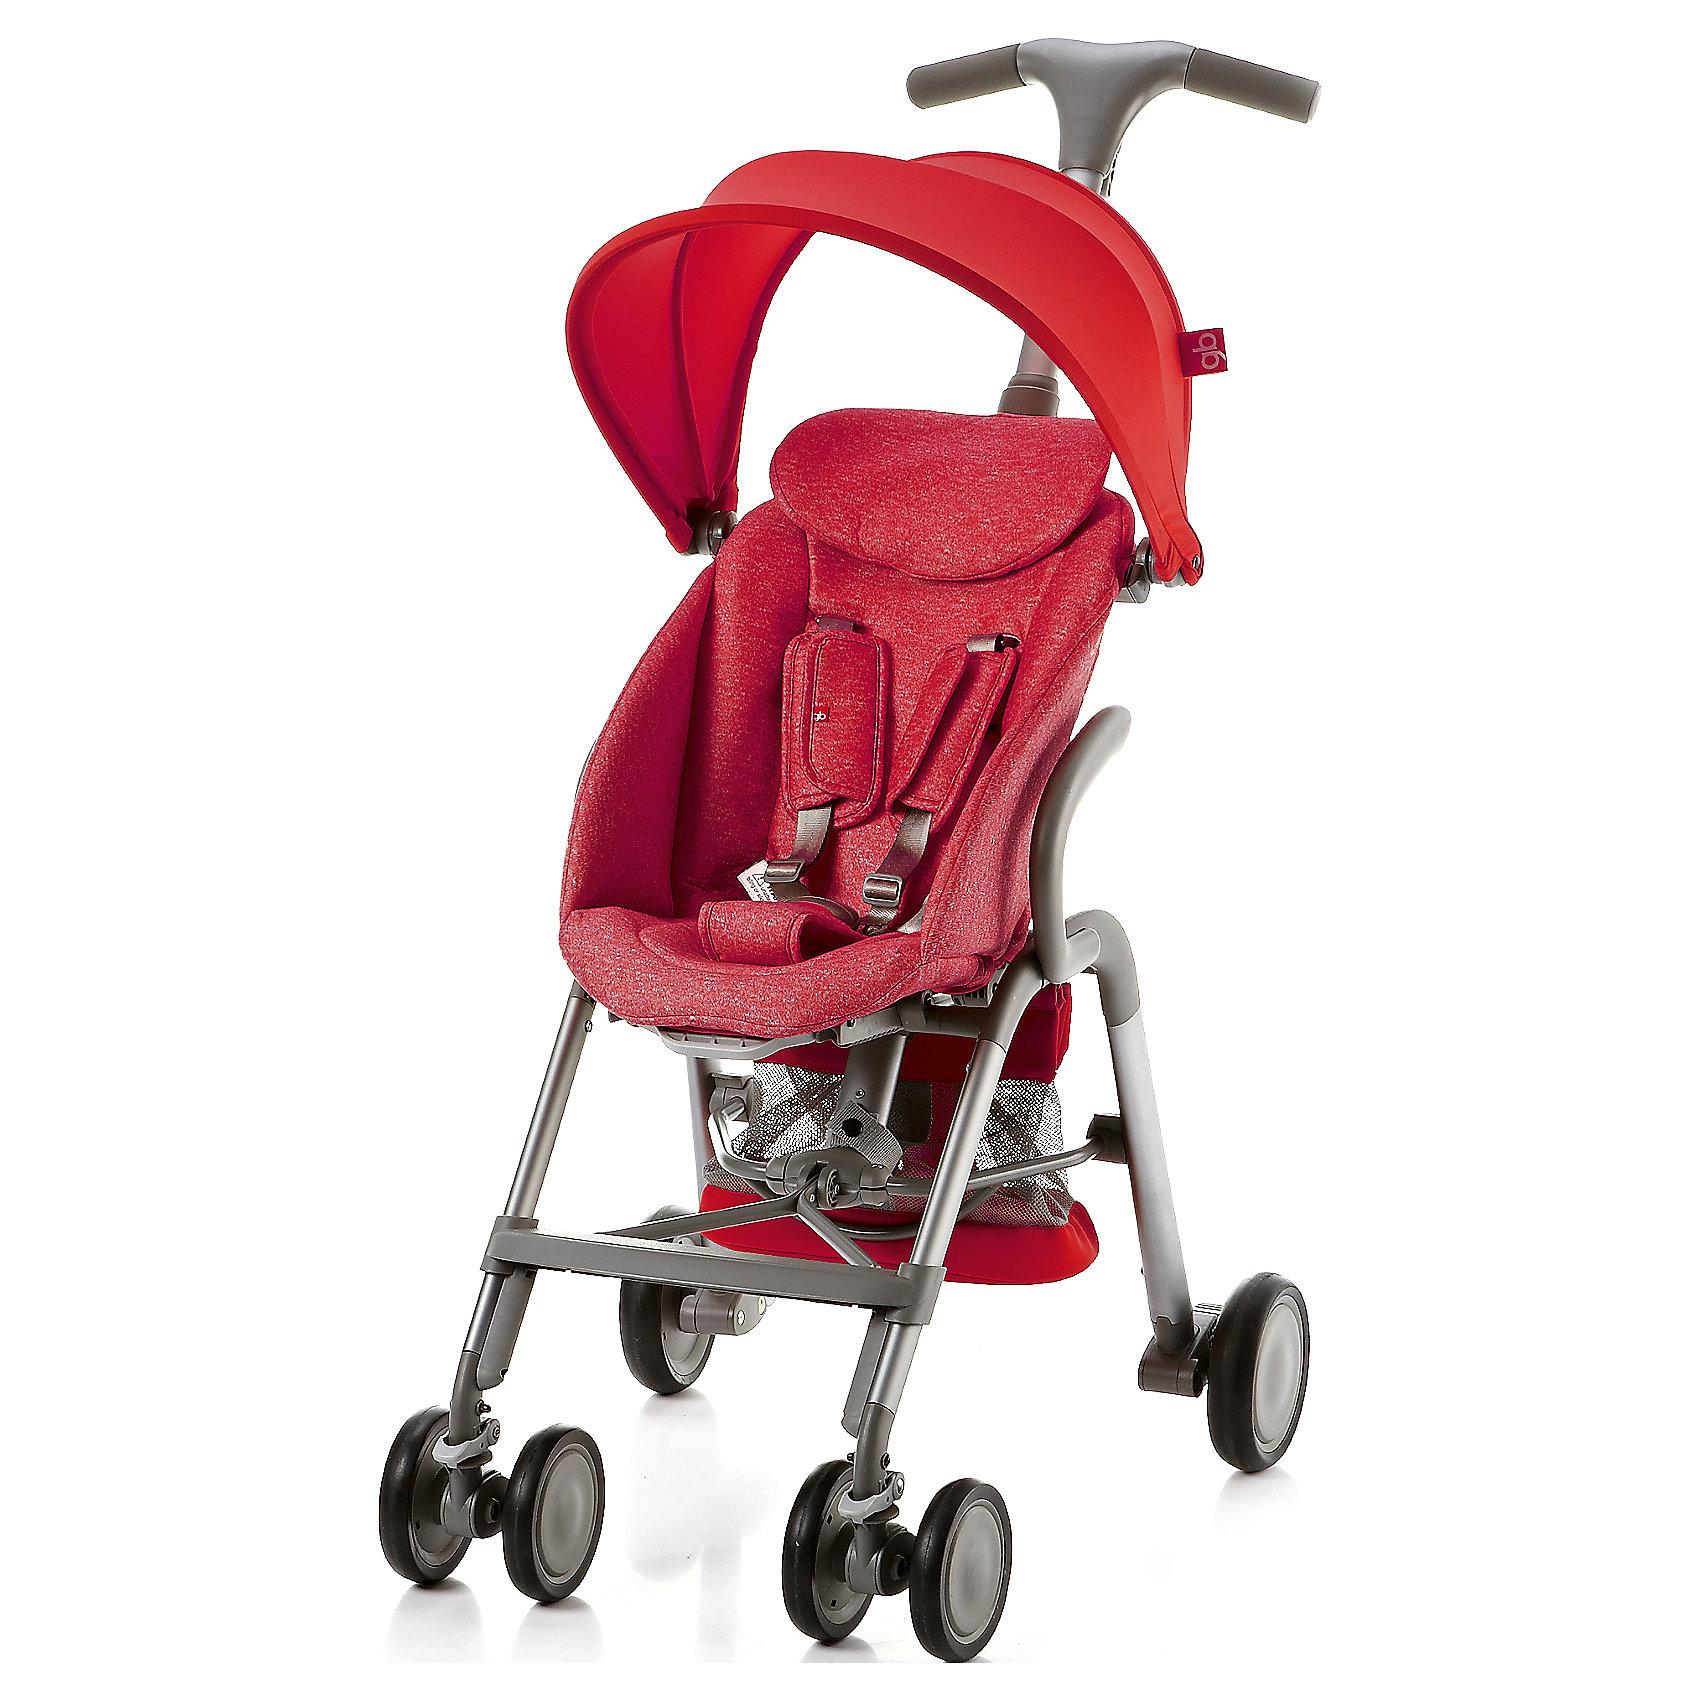 Коляска прогулочная T-BAR D330J, GB, красныйКоляска прогулочная T-BAR D330J, GB, красный<br><br>Характеристики:<br><br>- в набор входит: коляска, козырек <br>- материал: алюминий, текстиль, пластик<br>- колеса: EVA-резина и полиуретан<br>- размер разложенной коляски: 53 * 91 * 105 см.<br>- размер в сложенном виде: 53 * 40 * 91 см.<br>- вес коляски: 7,6 кг.<br><br>Надежная коляска от известного международного европейского бренда товаров для детей GB (ДжиБи) сделает прогулку с малышом комфортным приключением. Стильный дизайн и качественное исполнение позволят коляске прослужить много лет. Т-образная ручка обеспечивает наибольшую маневренность в городе и ее высота регулируется в три положения. Стильный козырек закрывает малыша от яркого солнца и удобно регулируется, давая возможность полностью закрыть малыша спереди. Спинка сидения регулируется в два положения, в которых малыш сможет немного отдохнуть, а мягкий регулирующийся подголовник добавит малышу комфорта. Прочные бесшумные двойные передние колеса поворачиваются (можно зафиксировать), задние колеса оснащены амортизацией, такое сочетание позволяет осуществить наибольшую проходимость и устойчивость коляски. Для удобства хранения и перемещения коляска легко складывается по принципу «книжка». Безопасность малыша обеспечивает пятиточечный ремень с мягкими накладками. Небольшая корзина коляски легка в доступе и позволит взять с собой самое необходимое на прогулку. С этой легкой и компактной коляской вы будете чувствовать себя уверенно как на прогулке, так и в магазине.<br><br>Коляску прогулочную T-BAR D330J, красный, GB (ДжиБи) можно купить в нашем интернет-магазине.<br><br>Ширина мм: 900<br>Глубина мм: 500<br>Высота мм: 300<br>Вес г: 9000<br>Возраст от месяцев: 6<br>Возраст до месяцев: 36<br>Пол: Унисекс<br>Возраст: Детский<br>SKU: 5176046